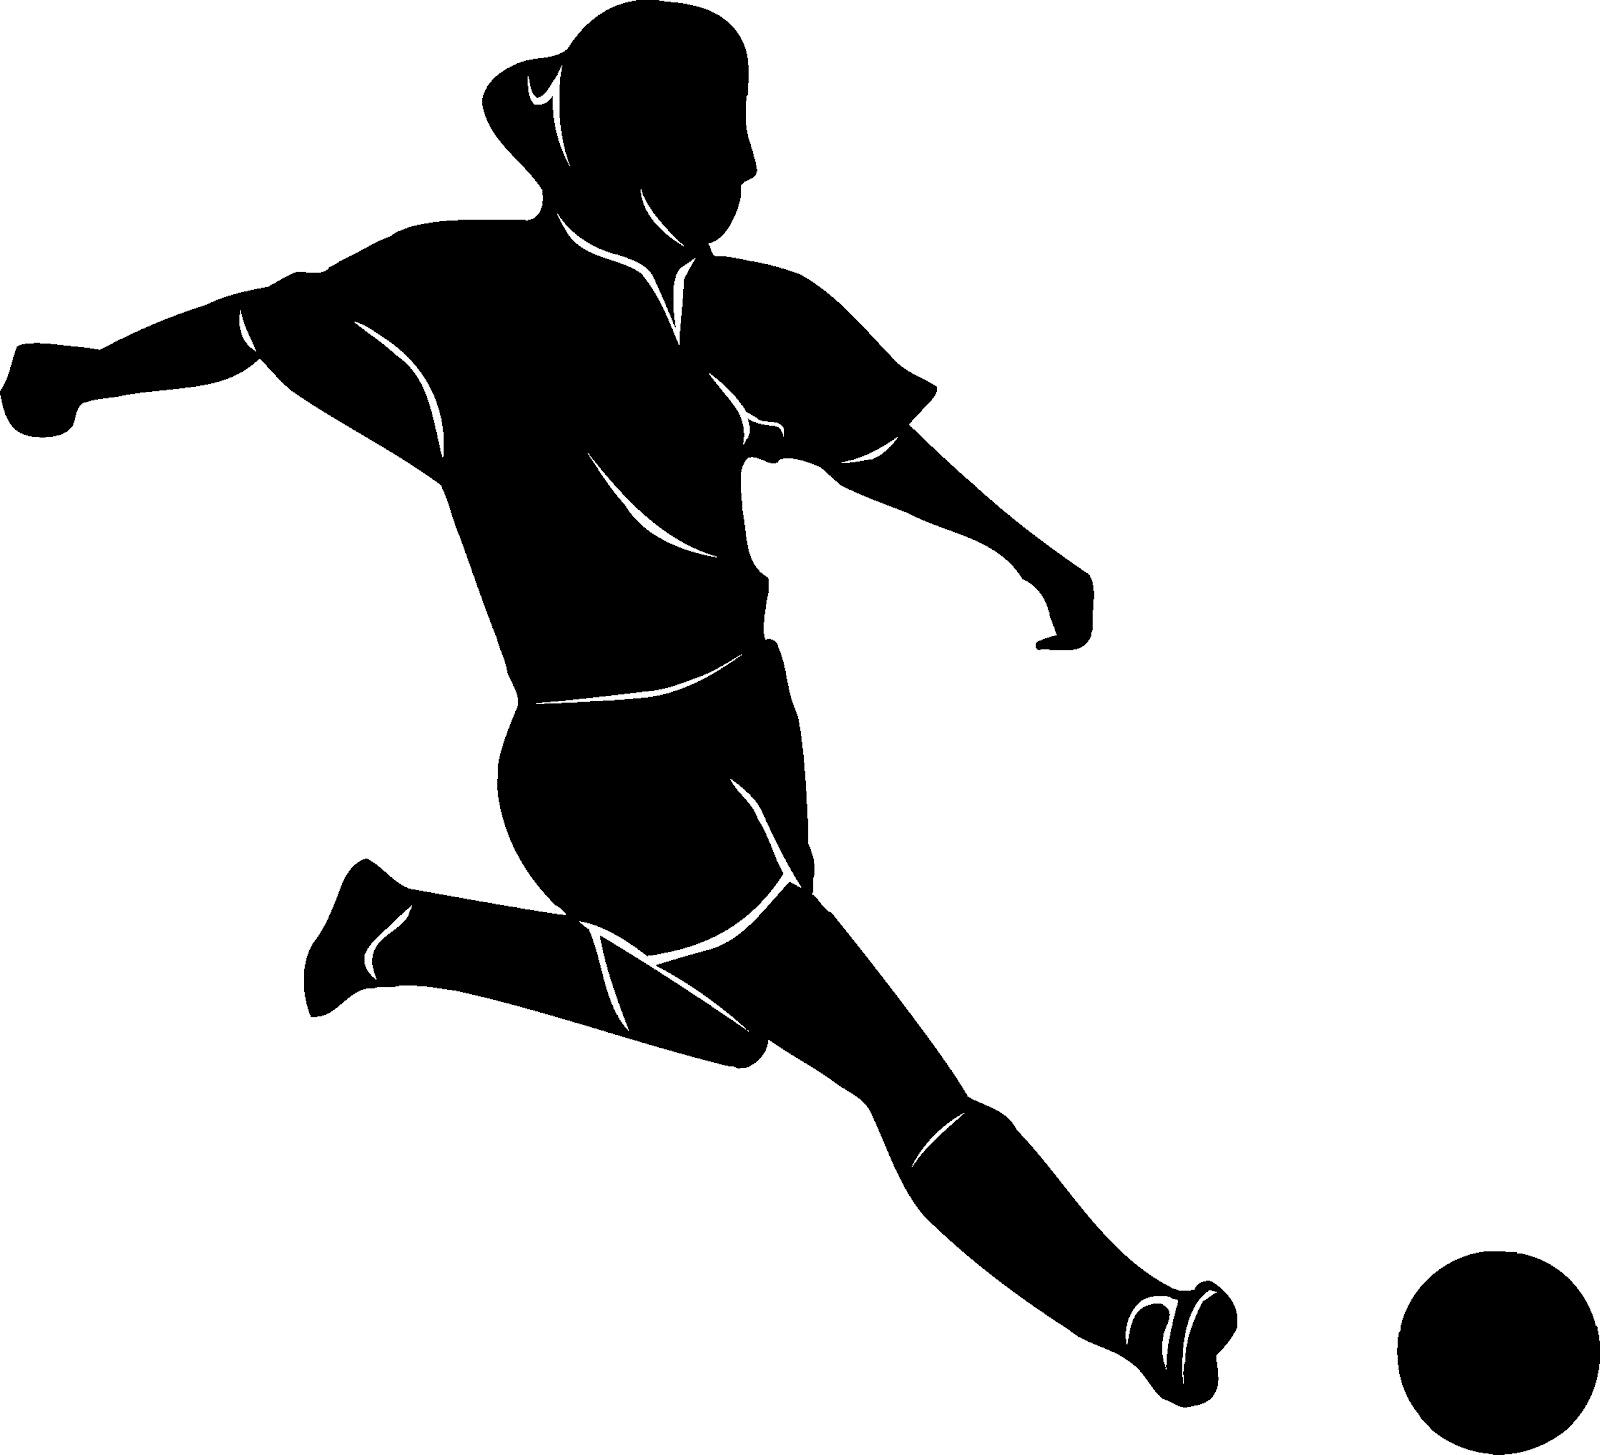 Girl Kicking Soccer Ball Clipart.